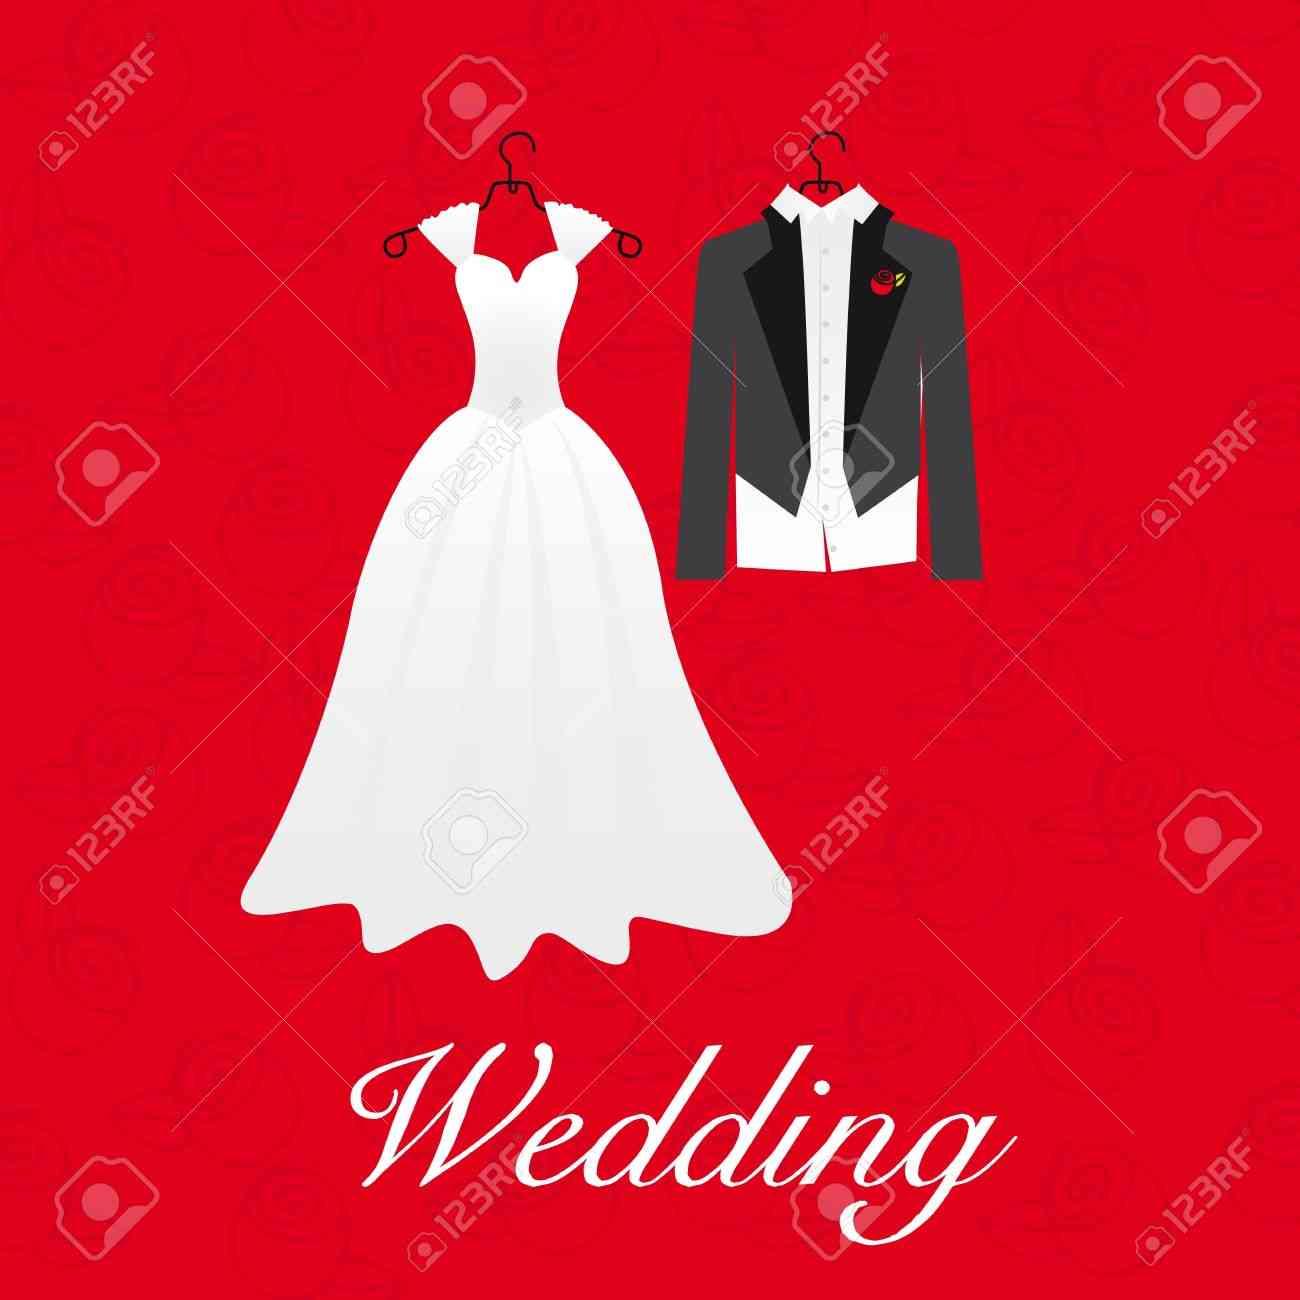 ニートorフリーターで結婚した人